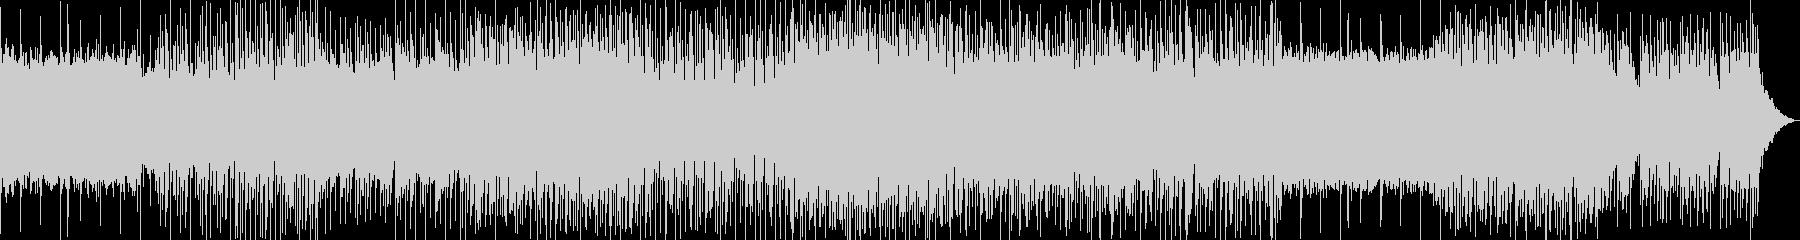 怪しげなコード進行とポップなピアノの曲の未再生の波形